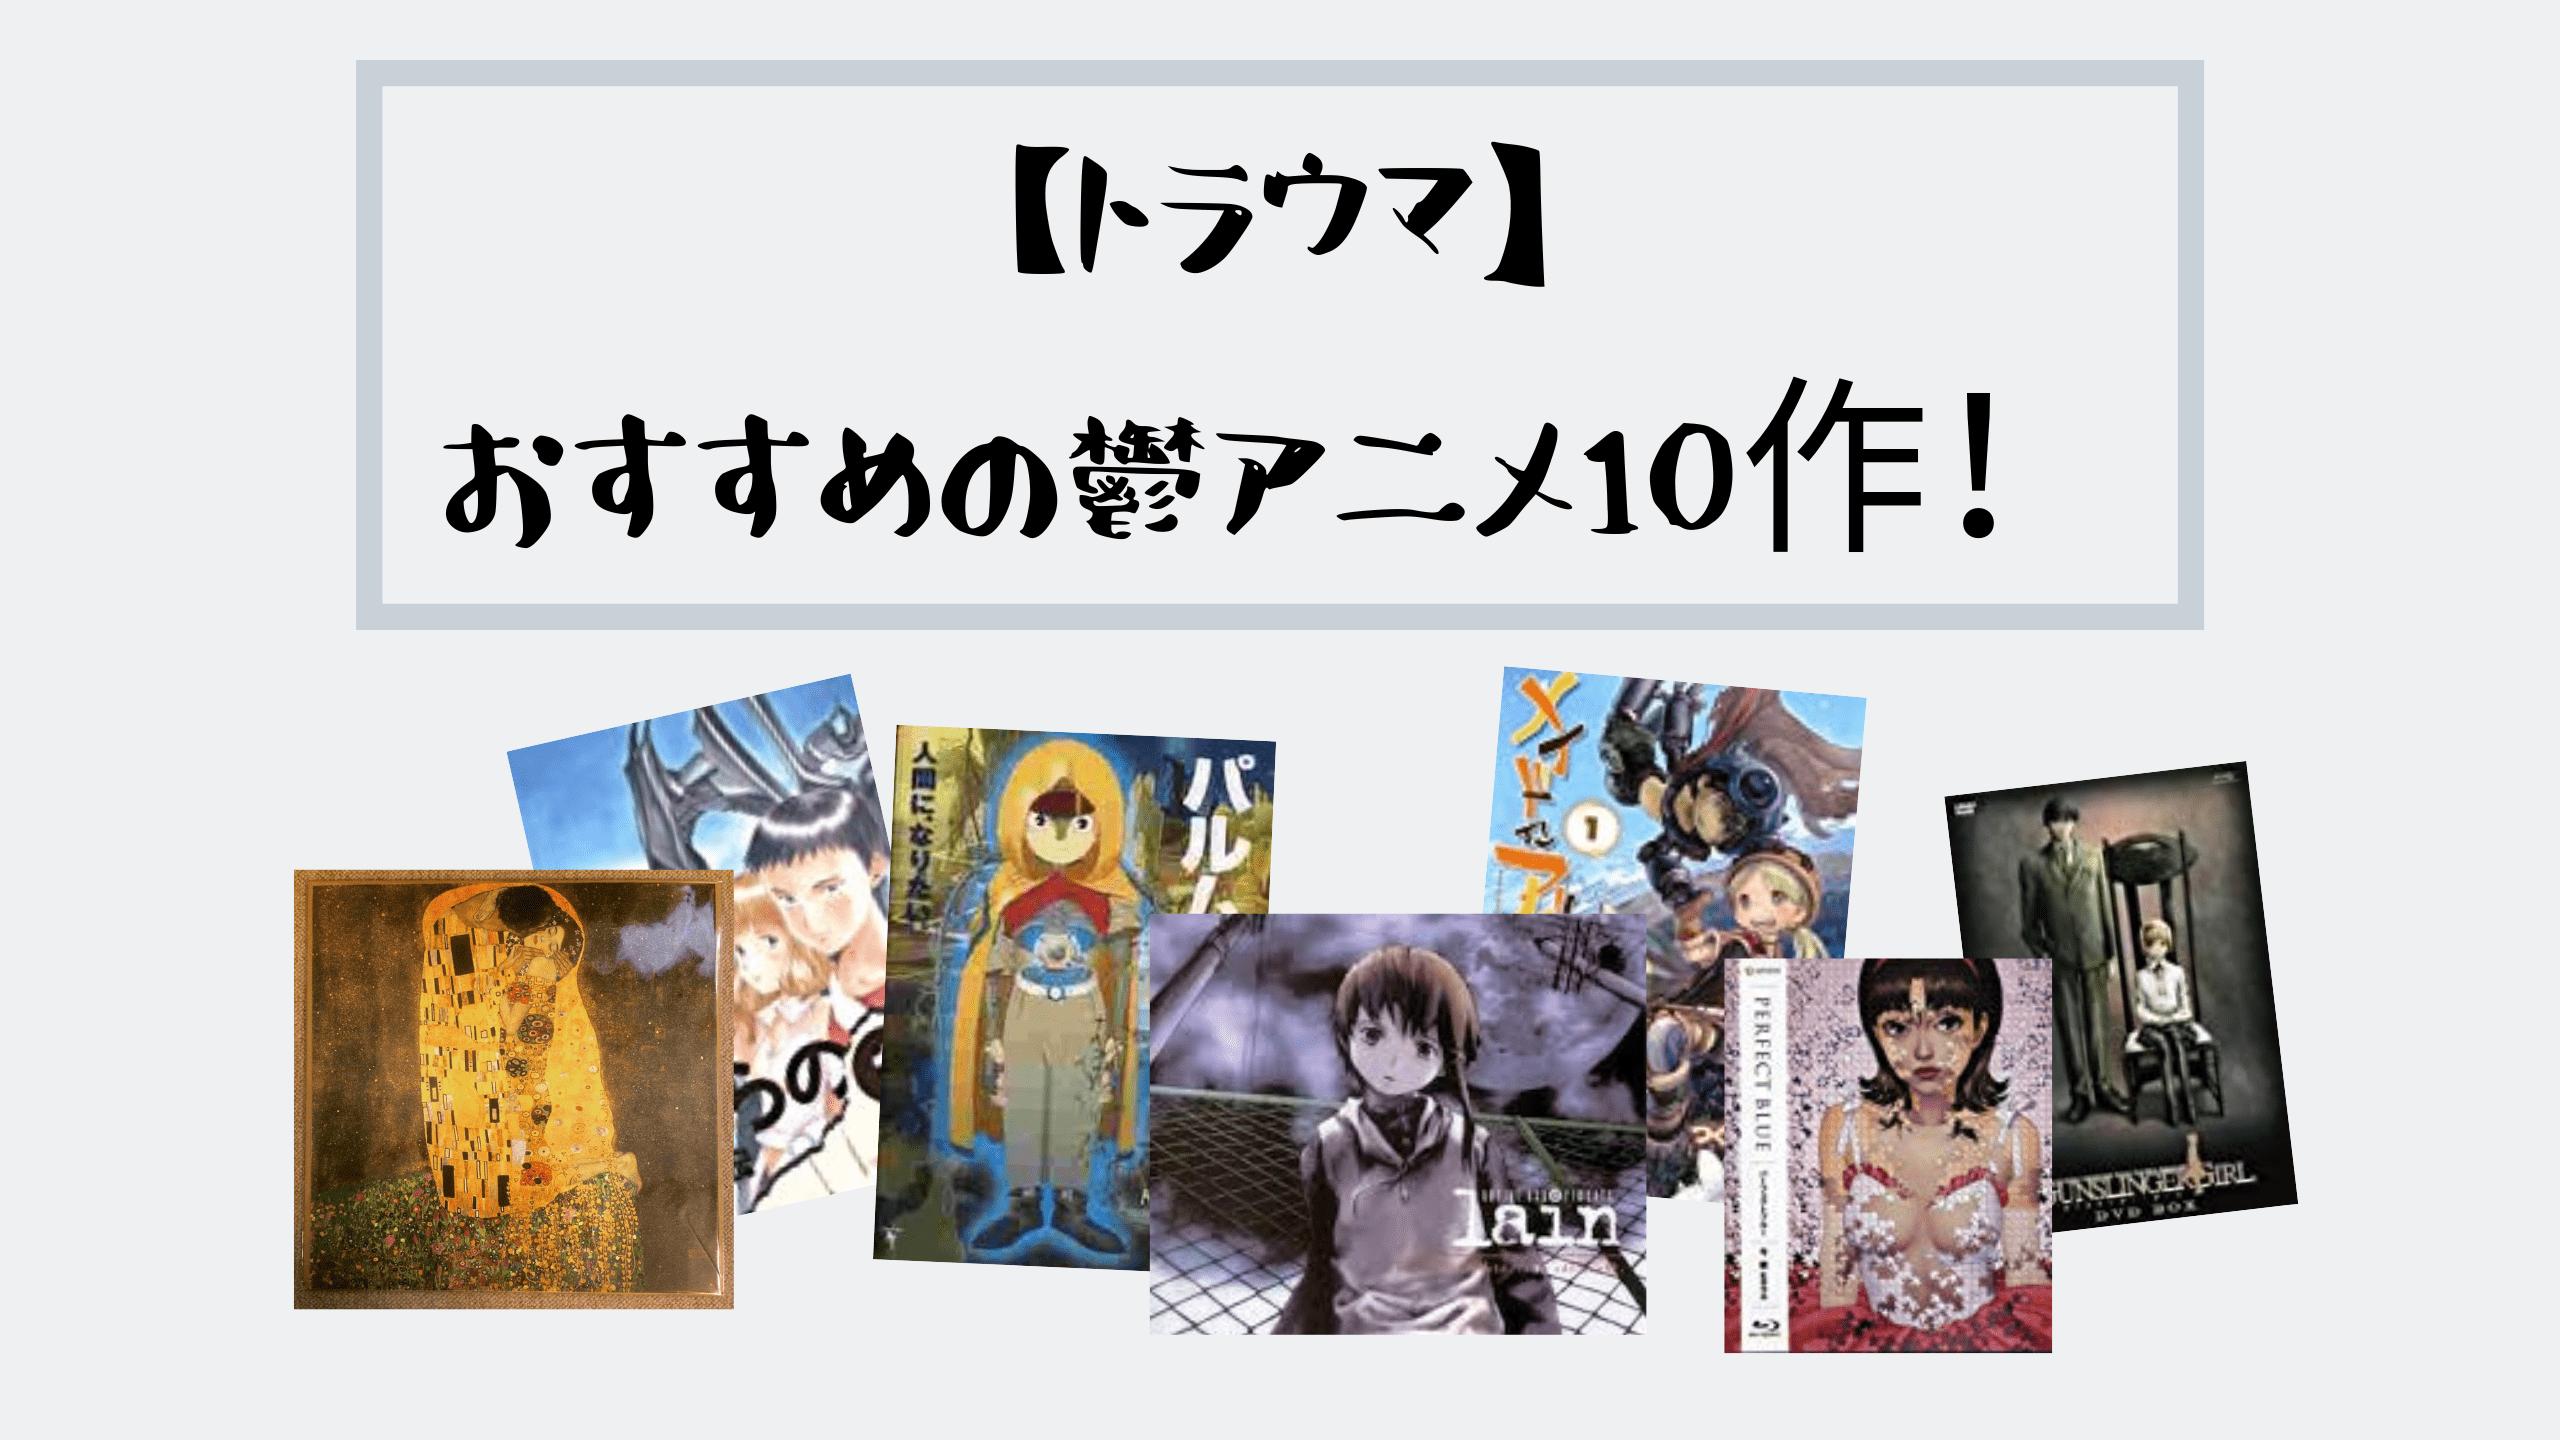 【トラウマ】おすすめの鬱アニメ10作!気分が落ち込む名作たち